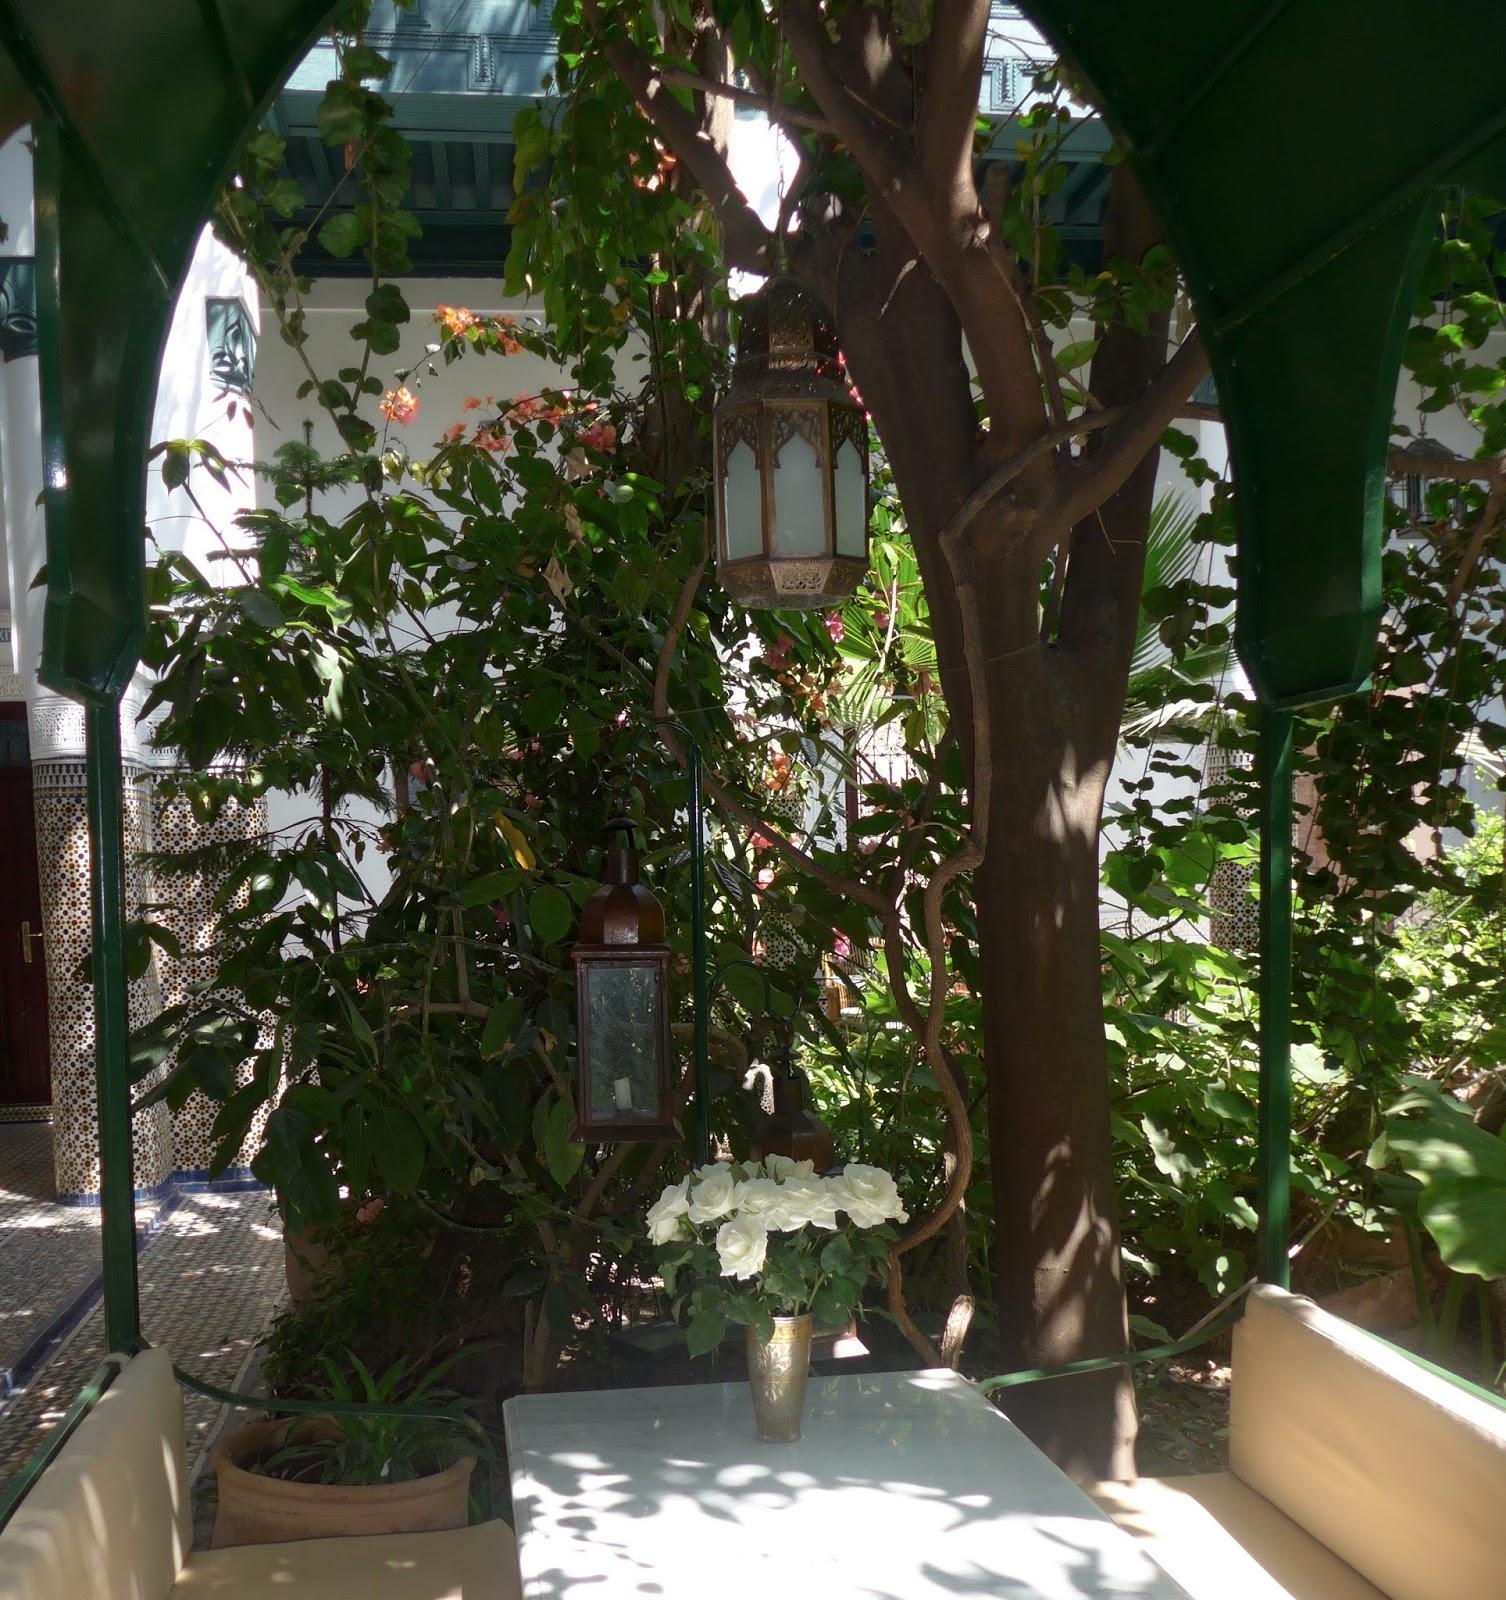 International luxury consulting palais riad lamrani marrakech noemie marie saint germain - La boutique de noemie ...